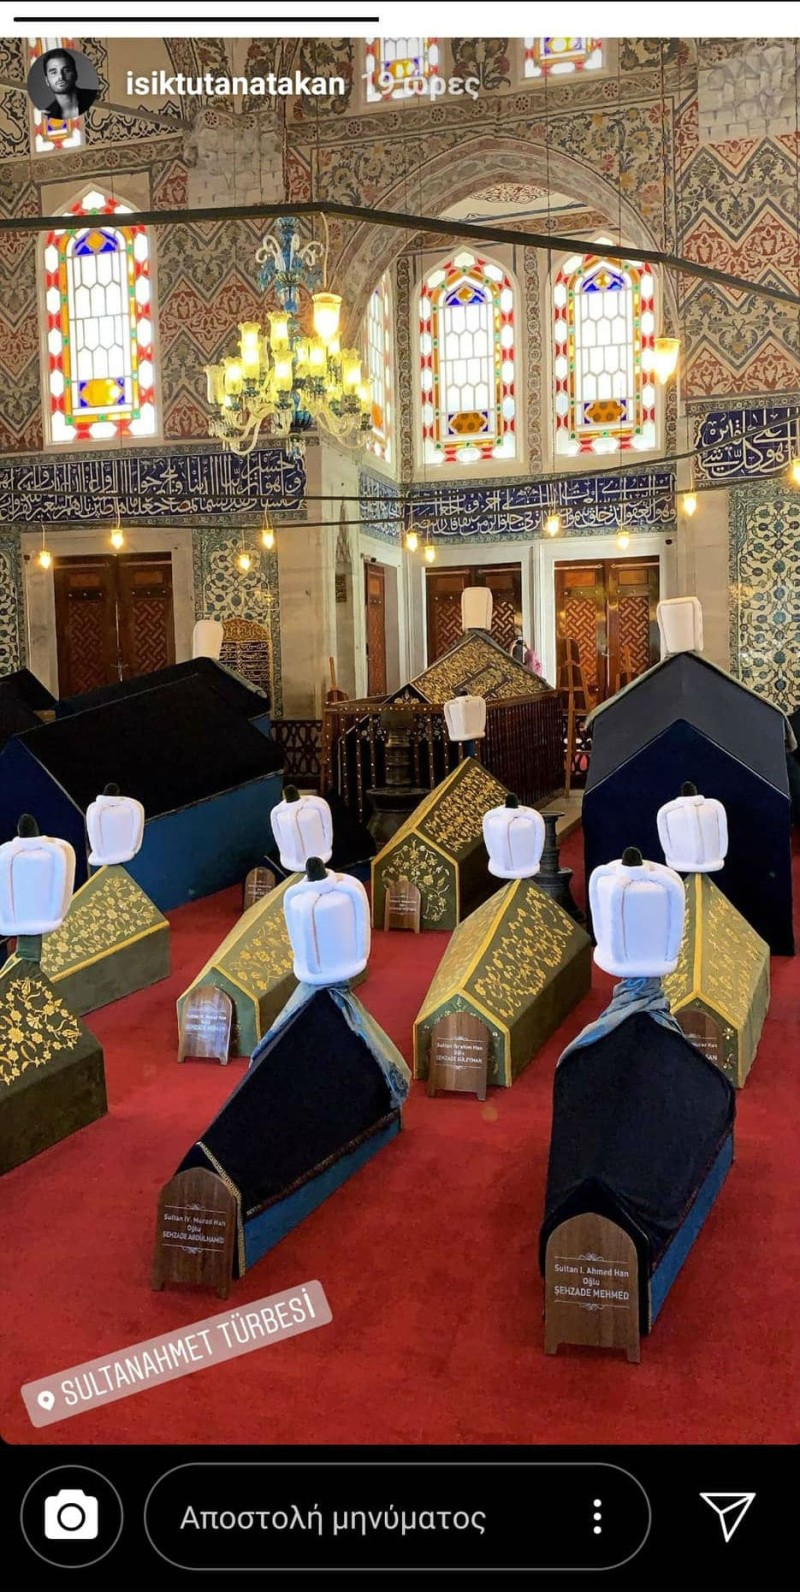 Κατερίνα Δαλάκα: Στην Κωνσταντινούπολη με μαντίλα και τον Ατακάν!